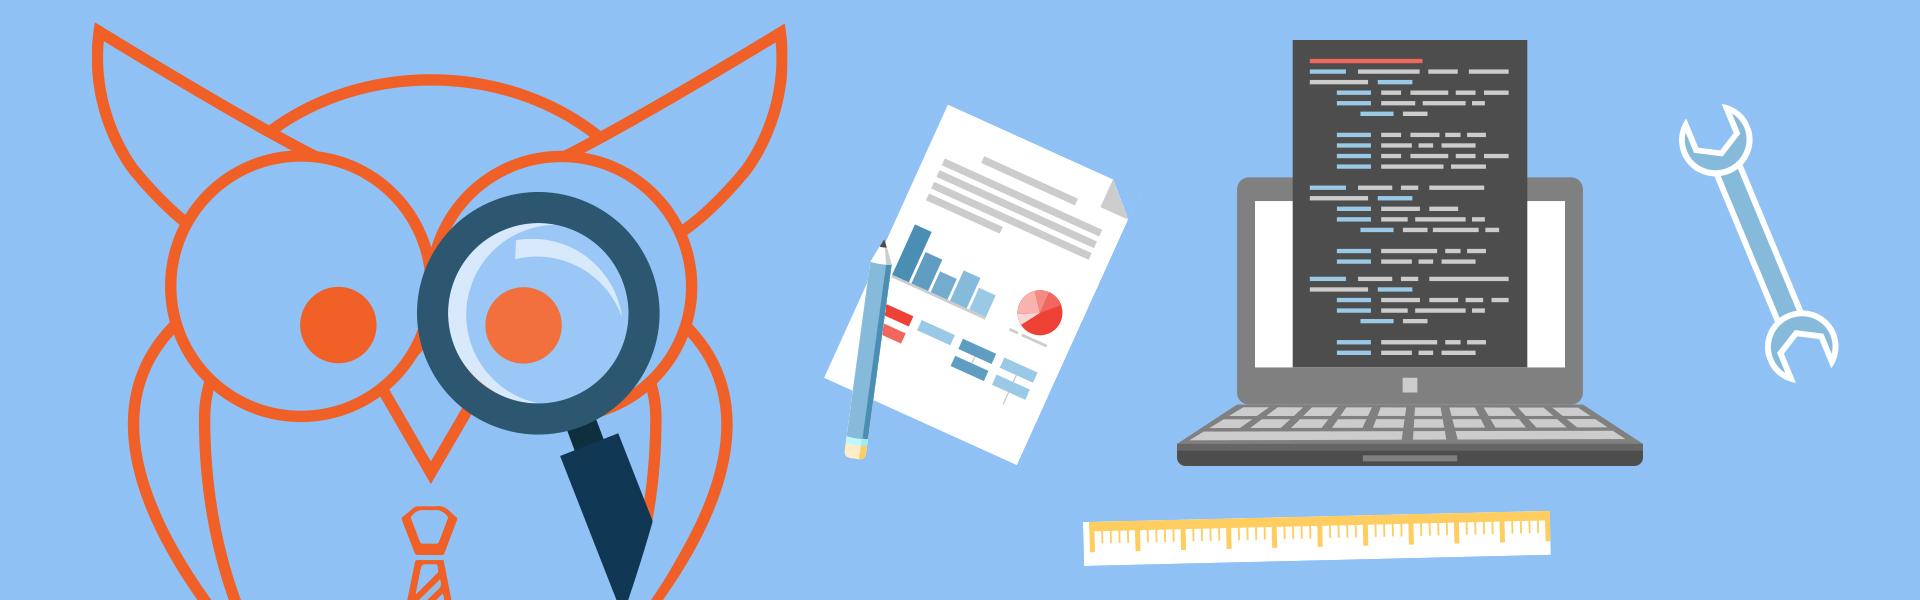 svetainės auditas